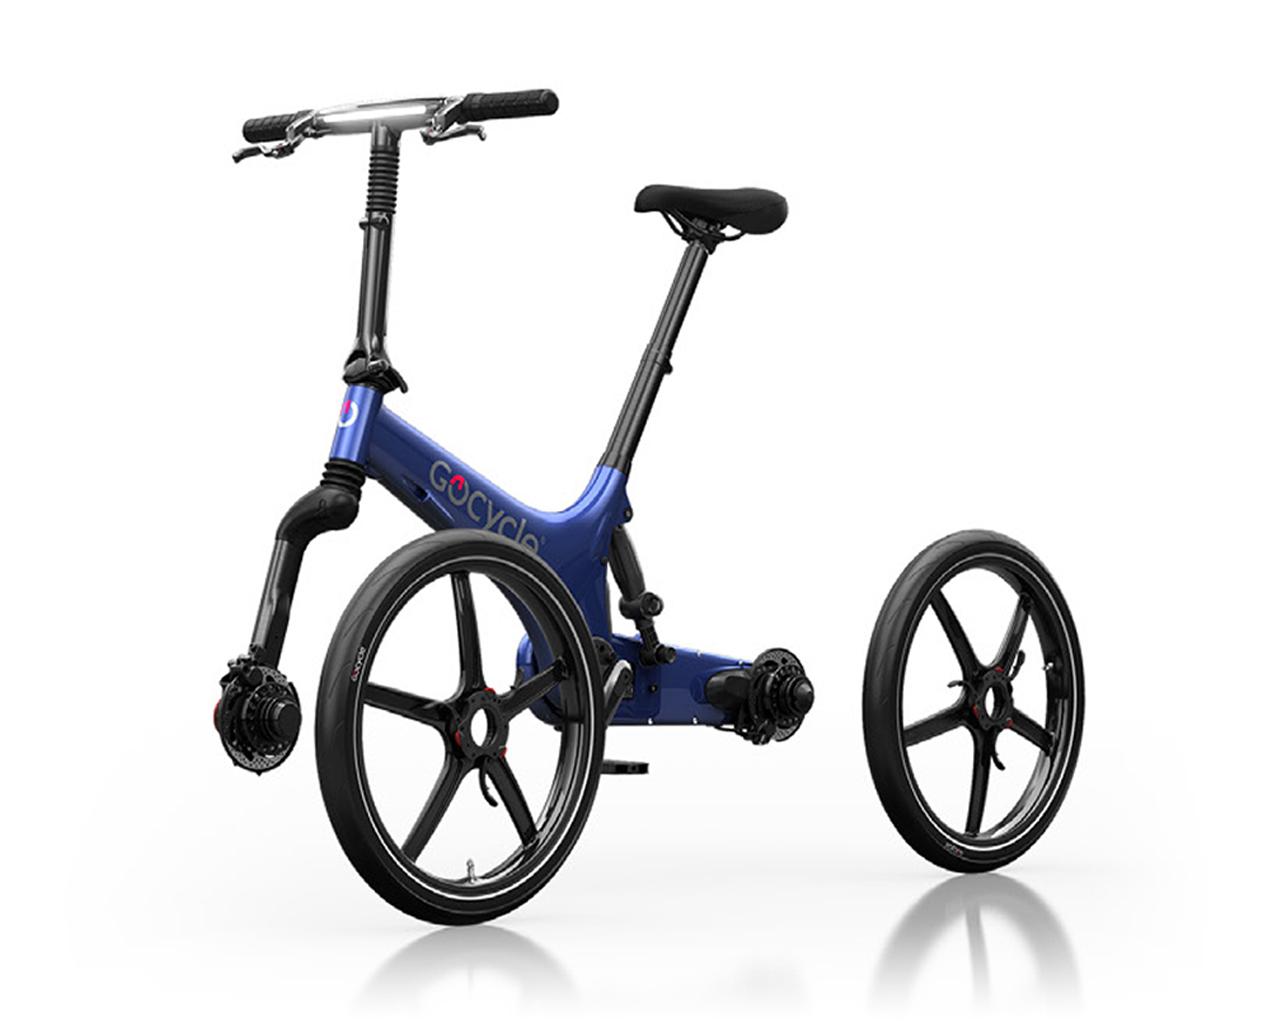 gocycle g3+ pitstopwheels